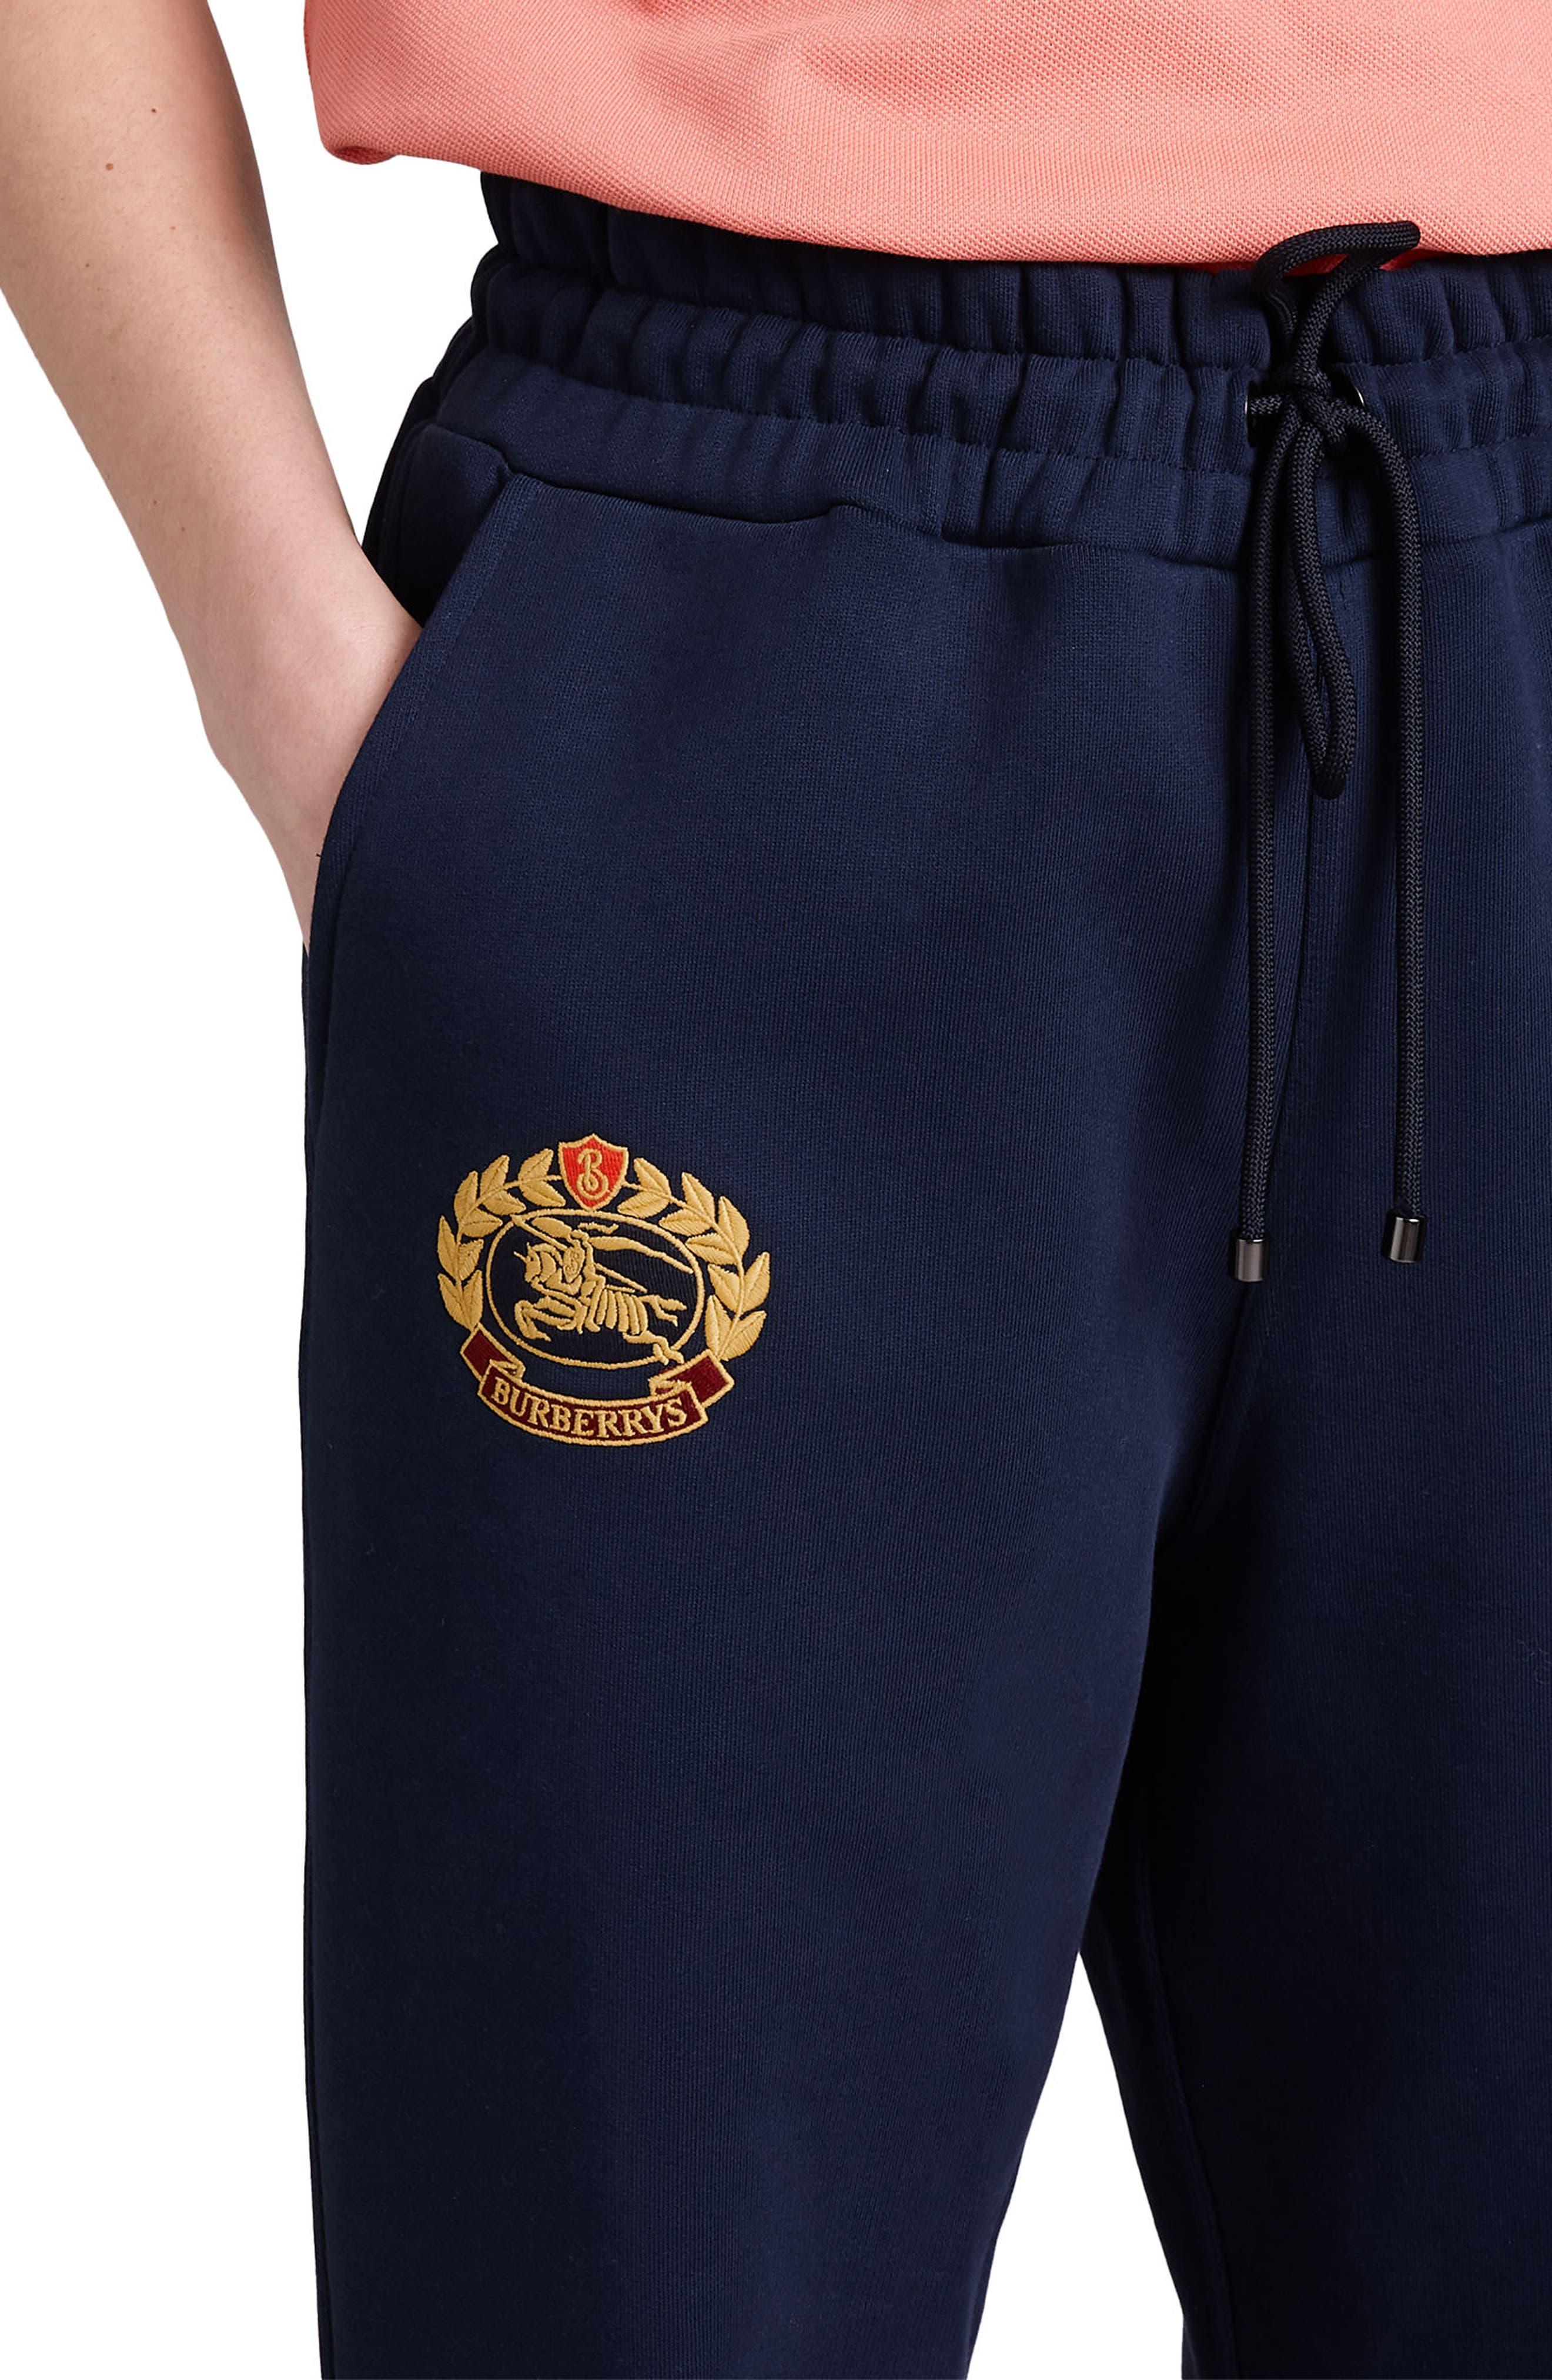 Vintage Crest Sweatpants,                             Alternate thumbnail 3, color,                             401